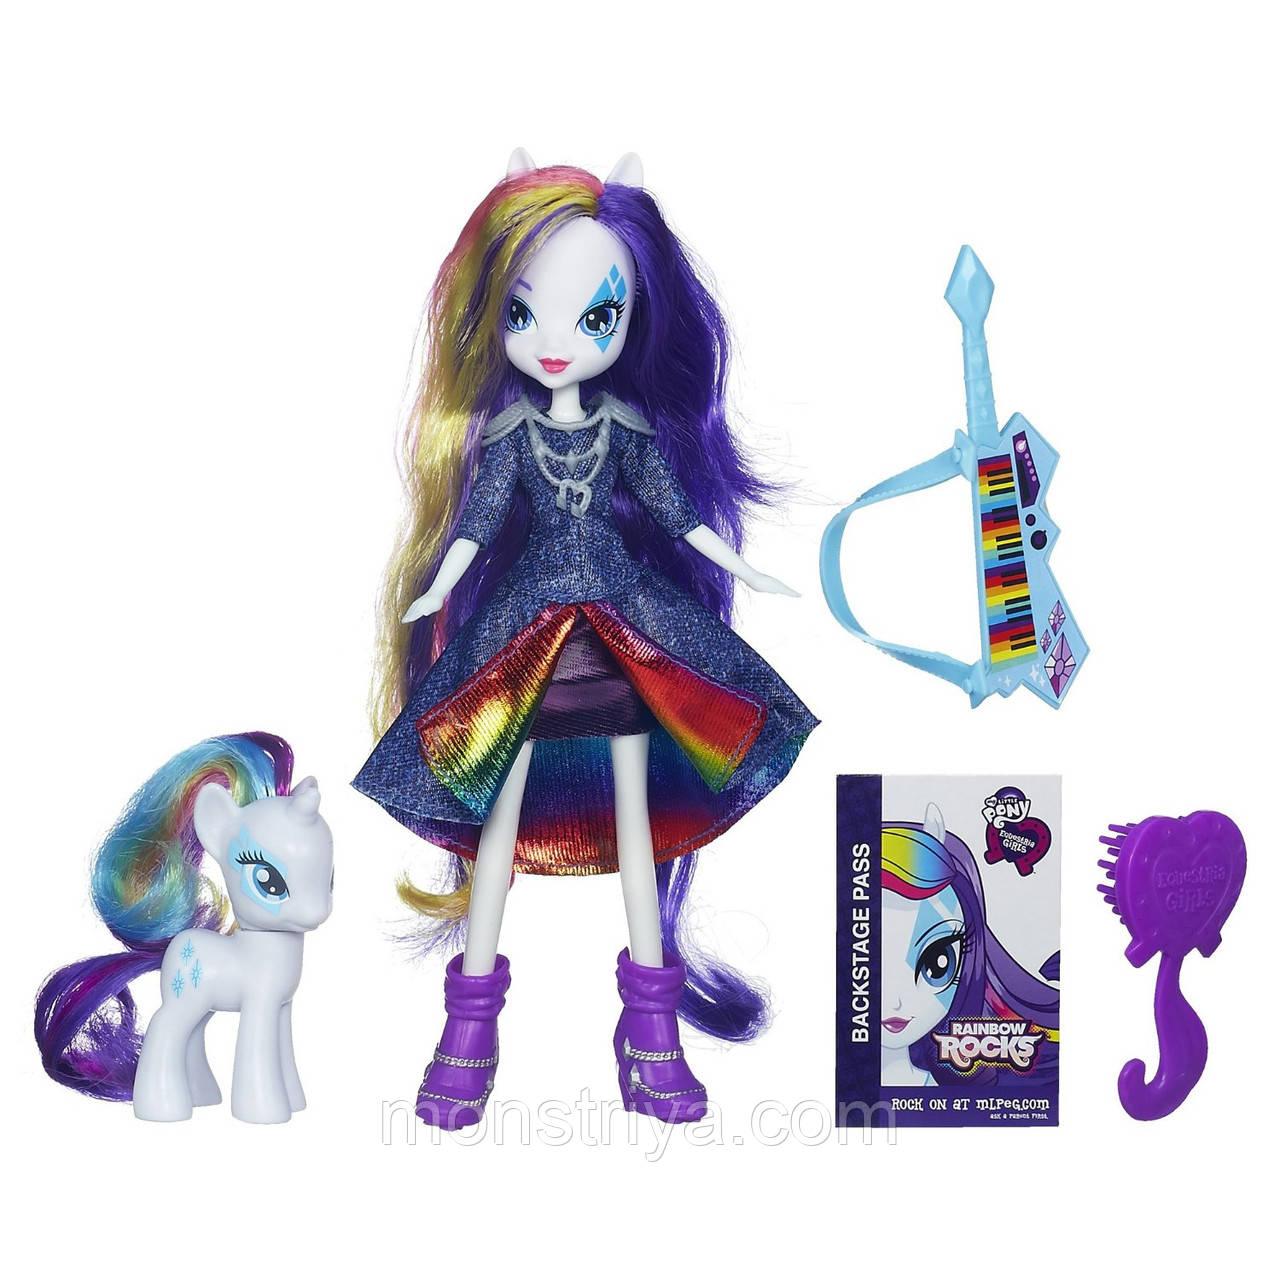 Кукла Май Литл Пони Рарити и пони (Rarity Doll and Pony Set),Киев., фото 1